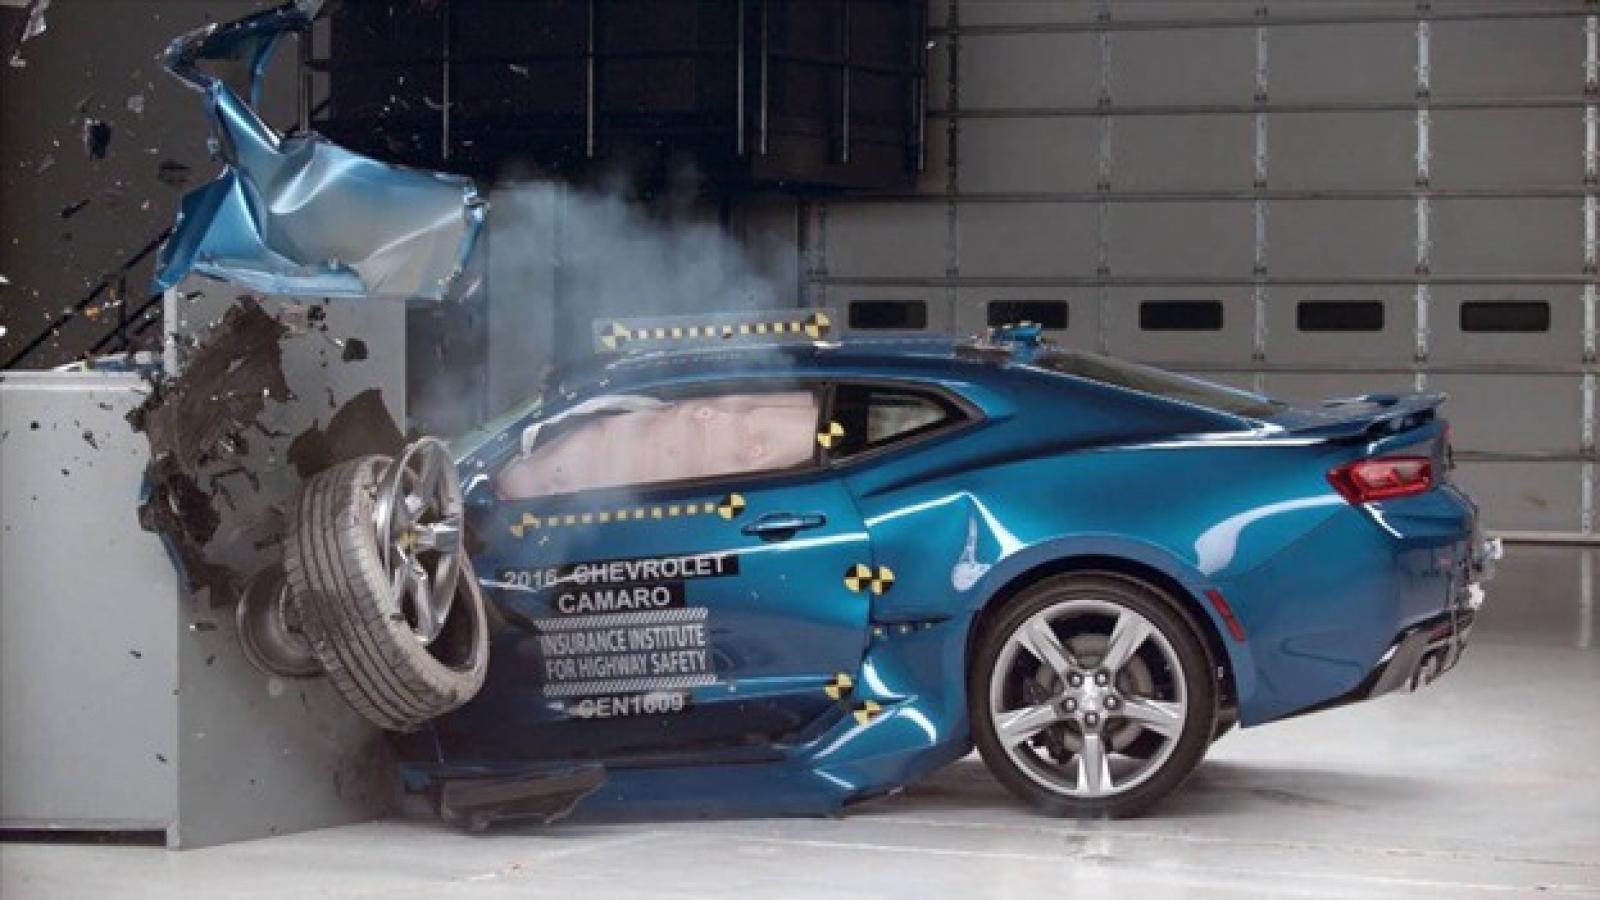 Quy trình kiểm tra an toàn ô tô trước khi bán